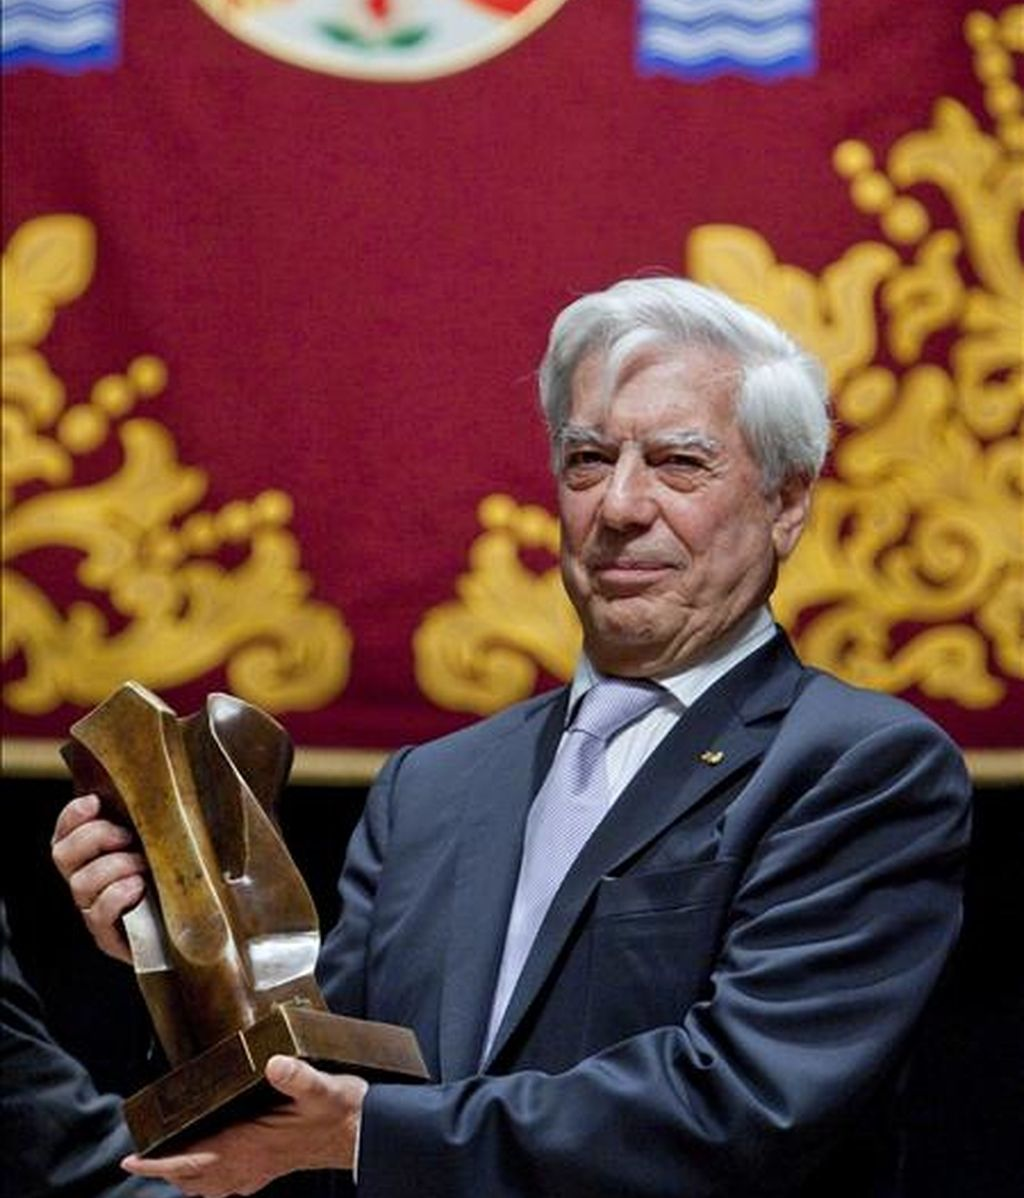 El Premio Nobel de Literatura 2010, Mario Vargas Llosa. EFE/Archivo